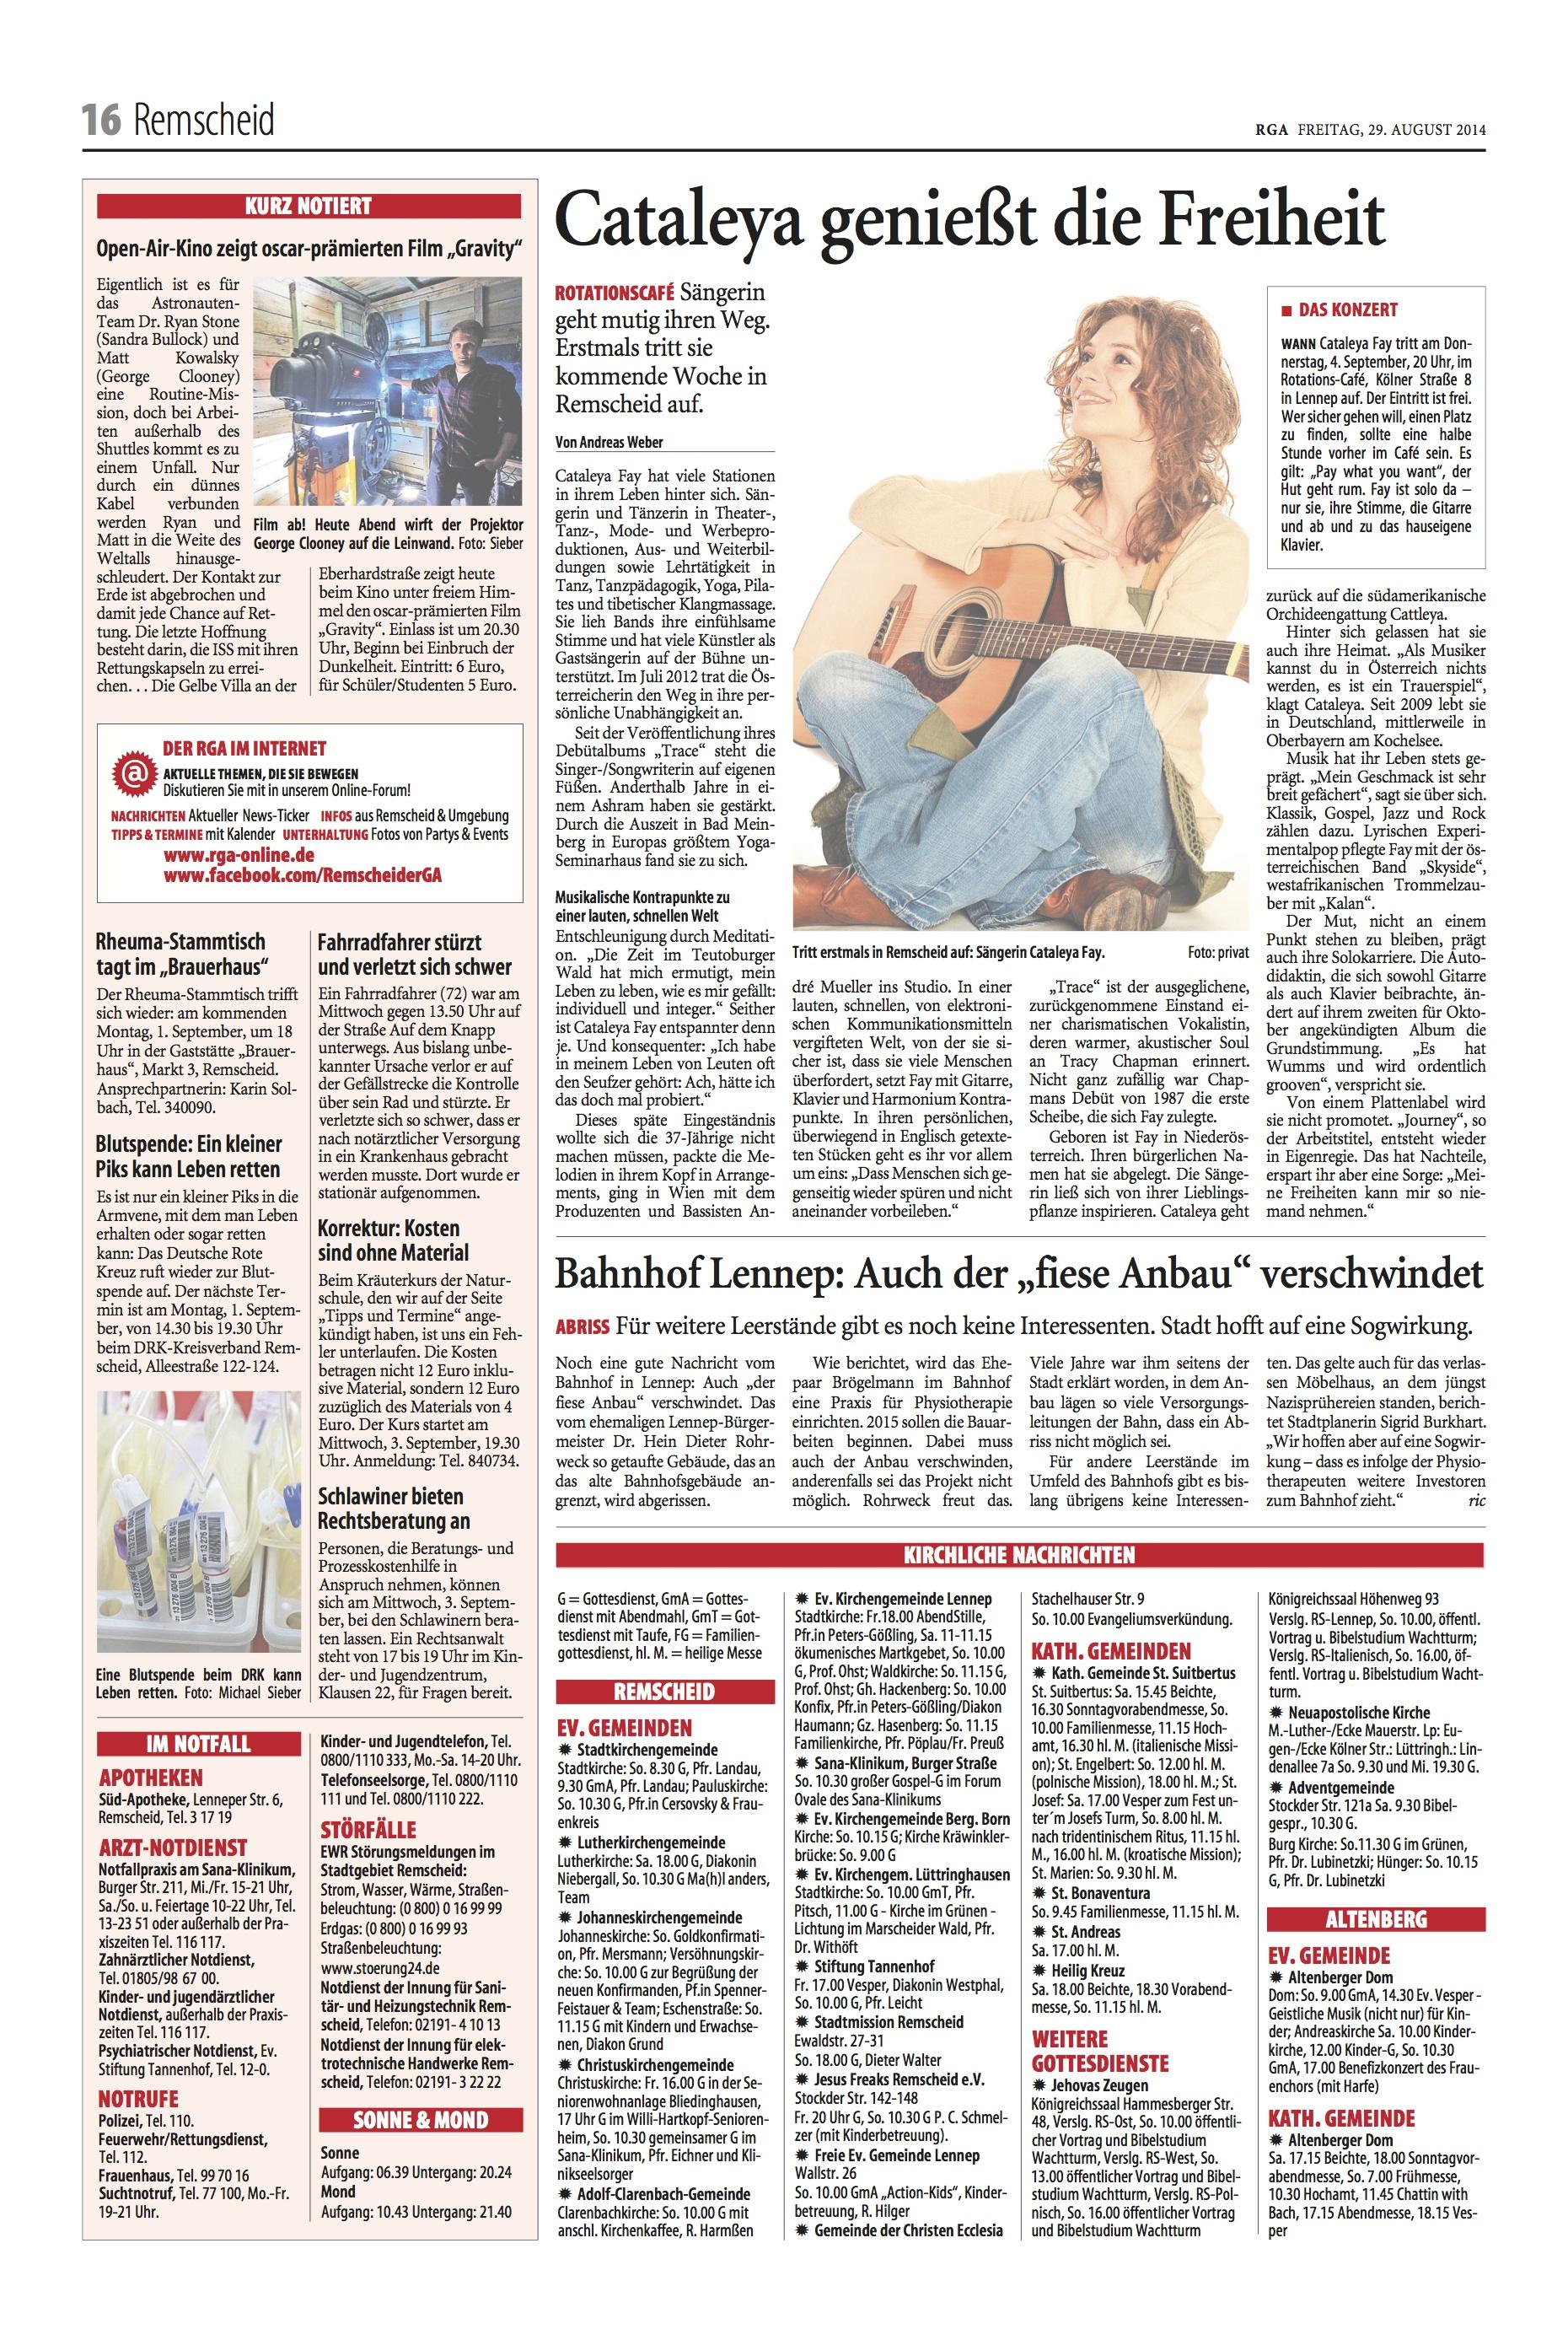 2014-08 Artikel im Remscheider Generalanzeiger